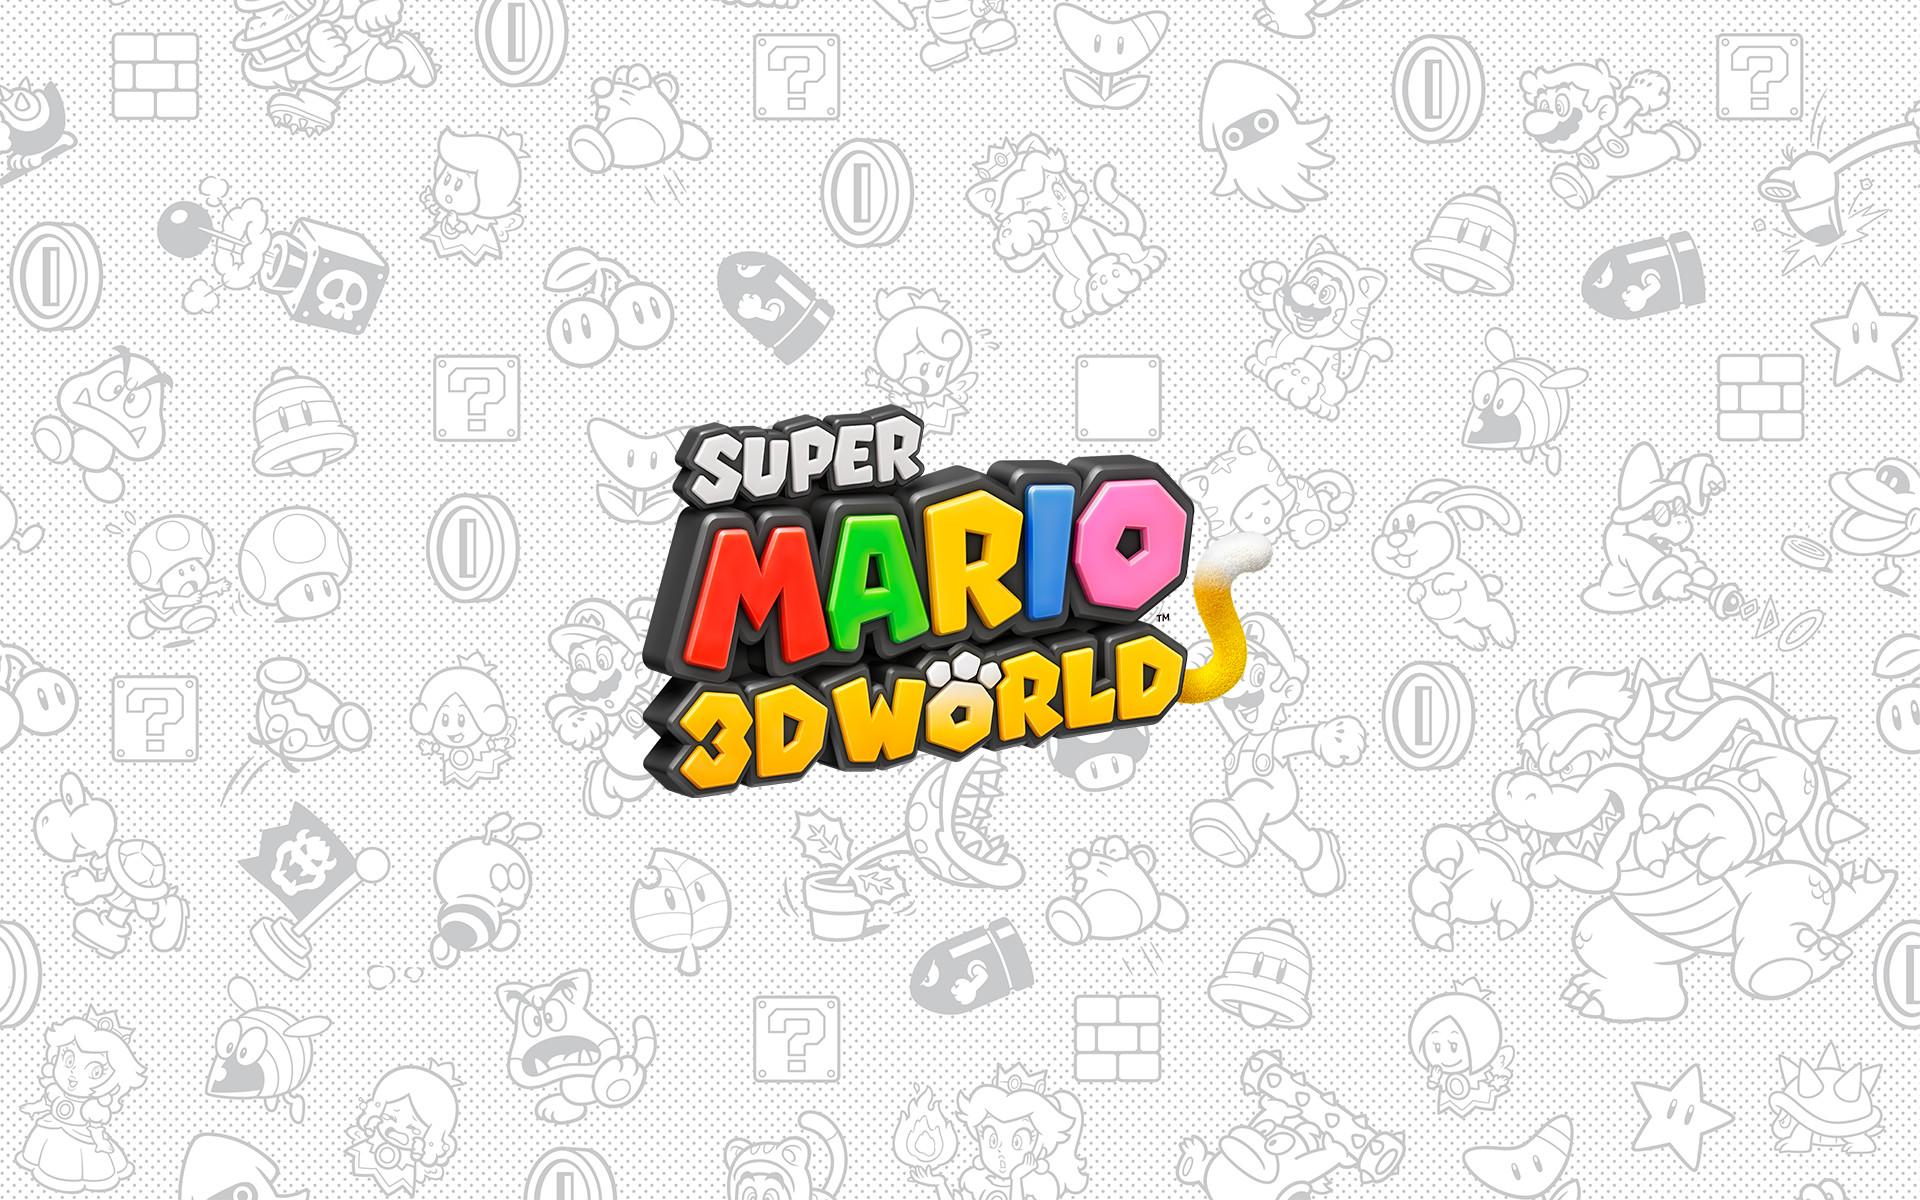 … Super Mario 3d World Wallpaper (08) …